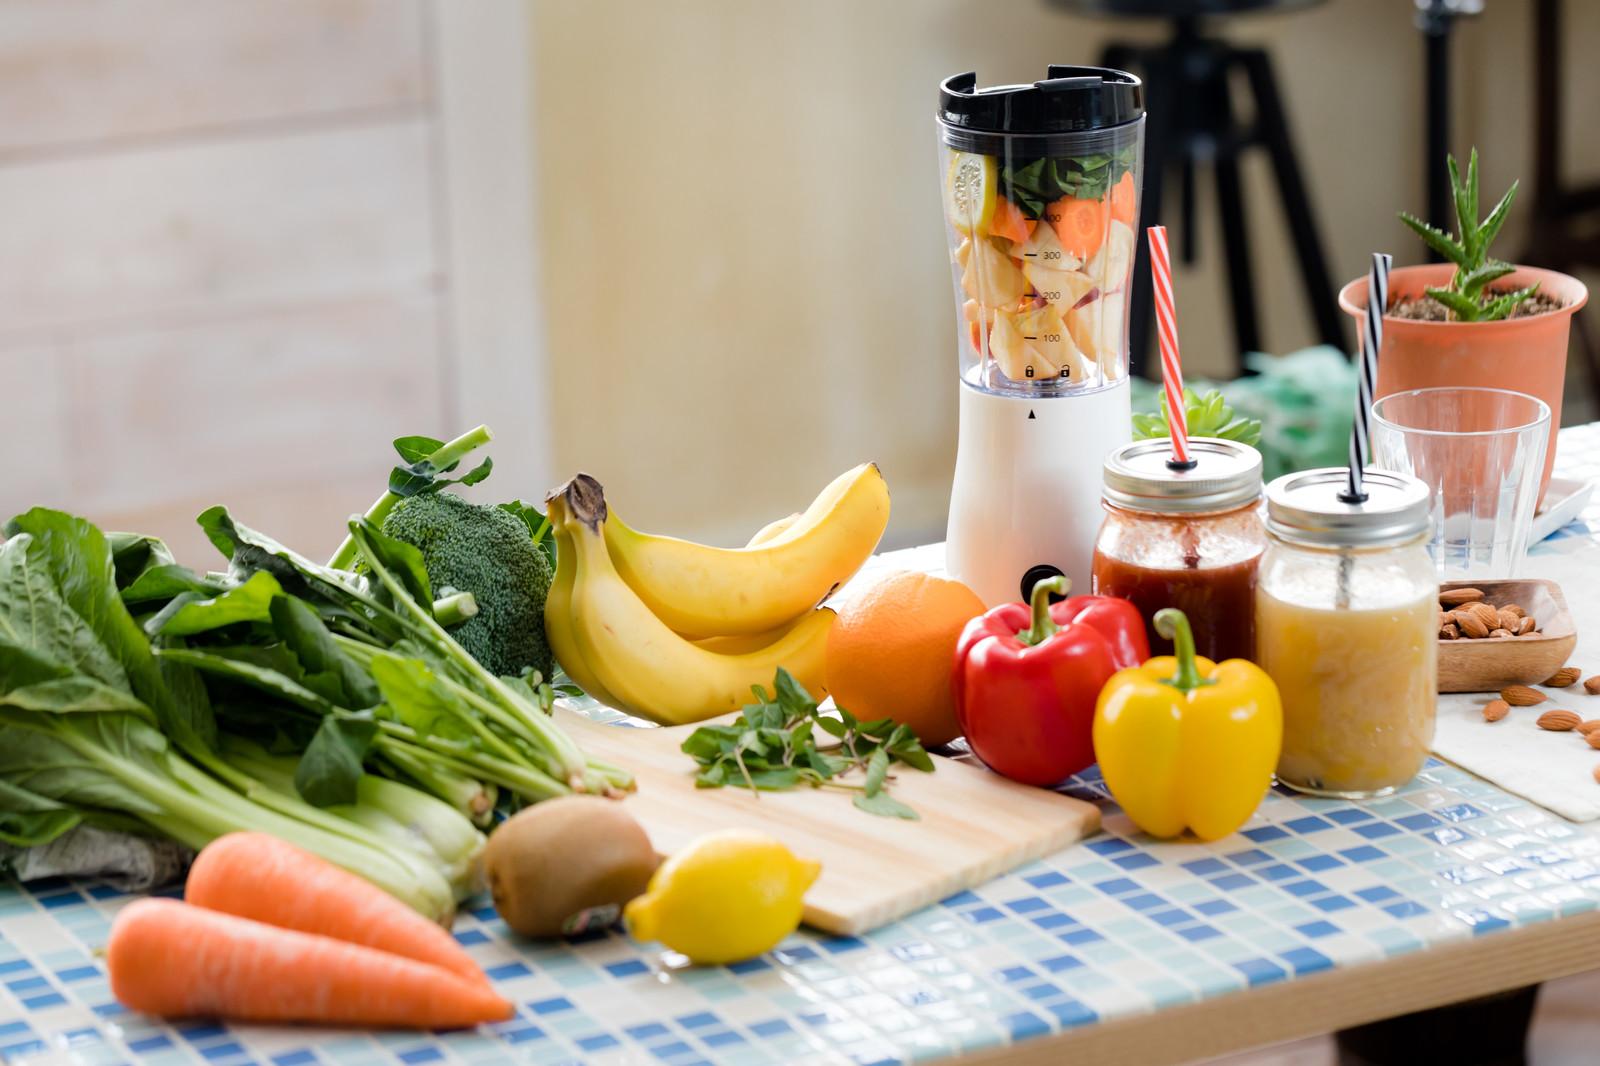 様々な野菜と果物を使ったジュースを作る